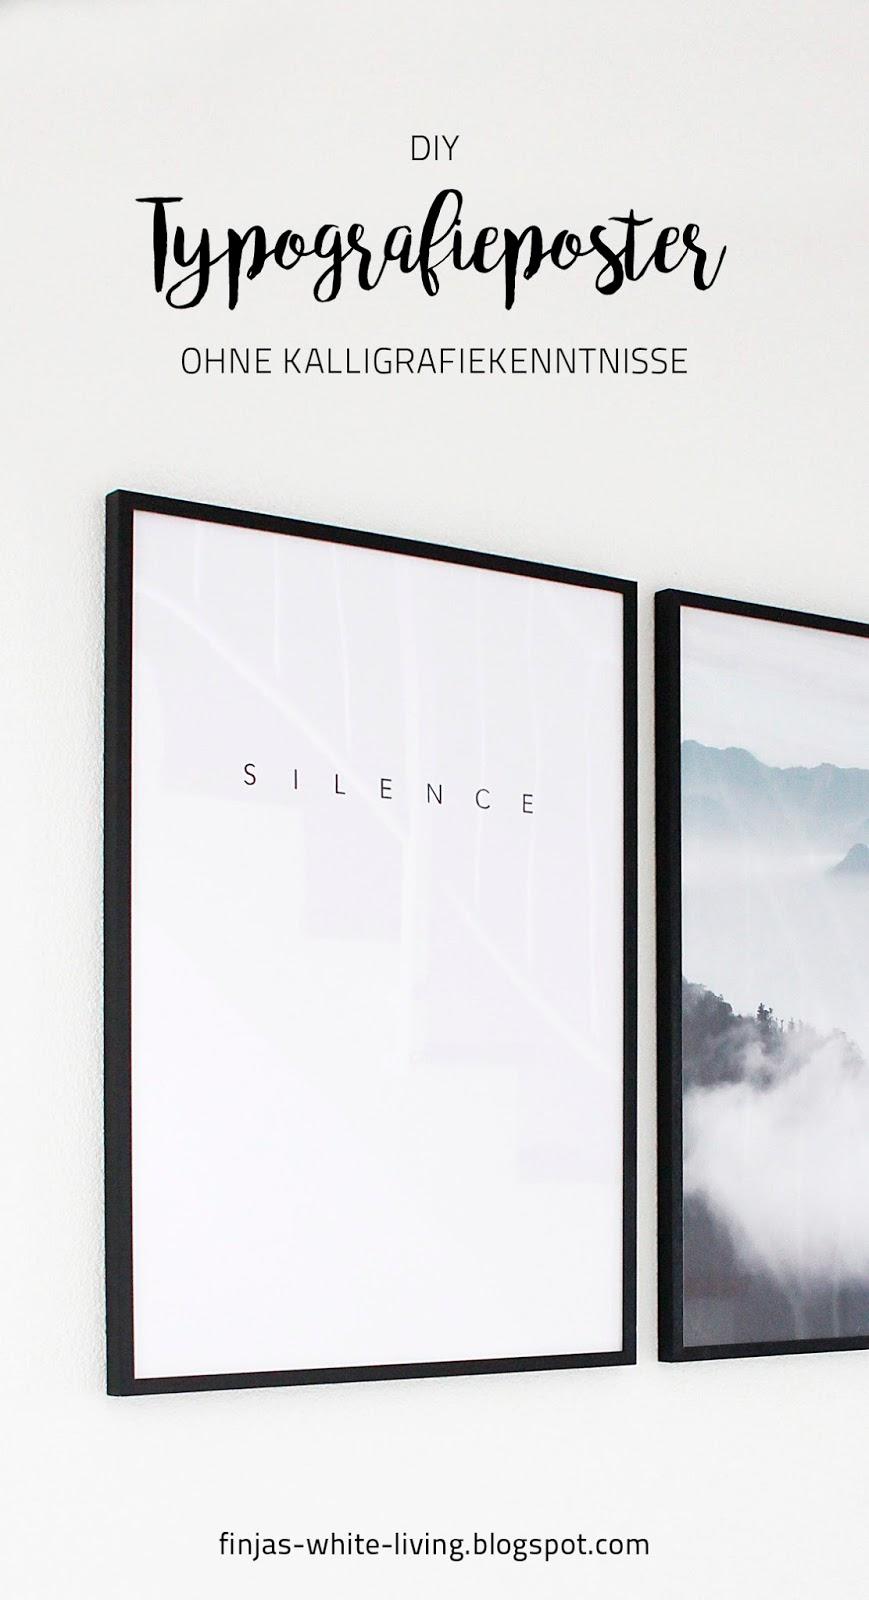 diy typografie poster ohne kalligrafiekenntnisse finjas. Black Bedroom Furniture Sets. Home Design Ideas